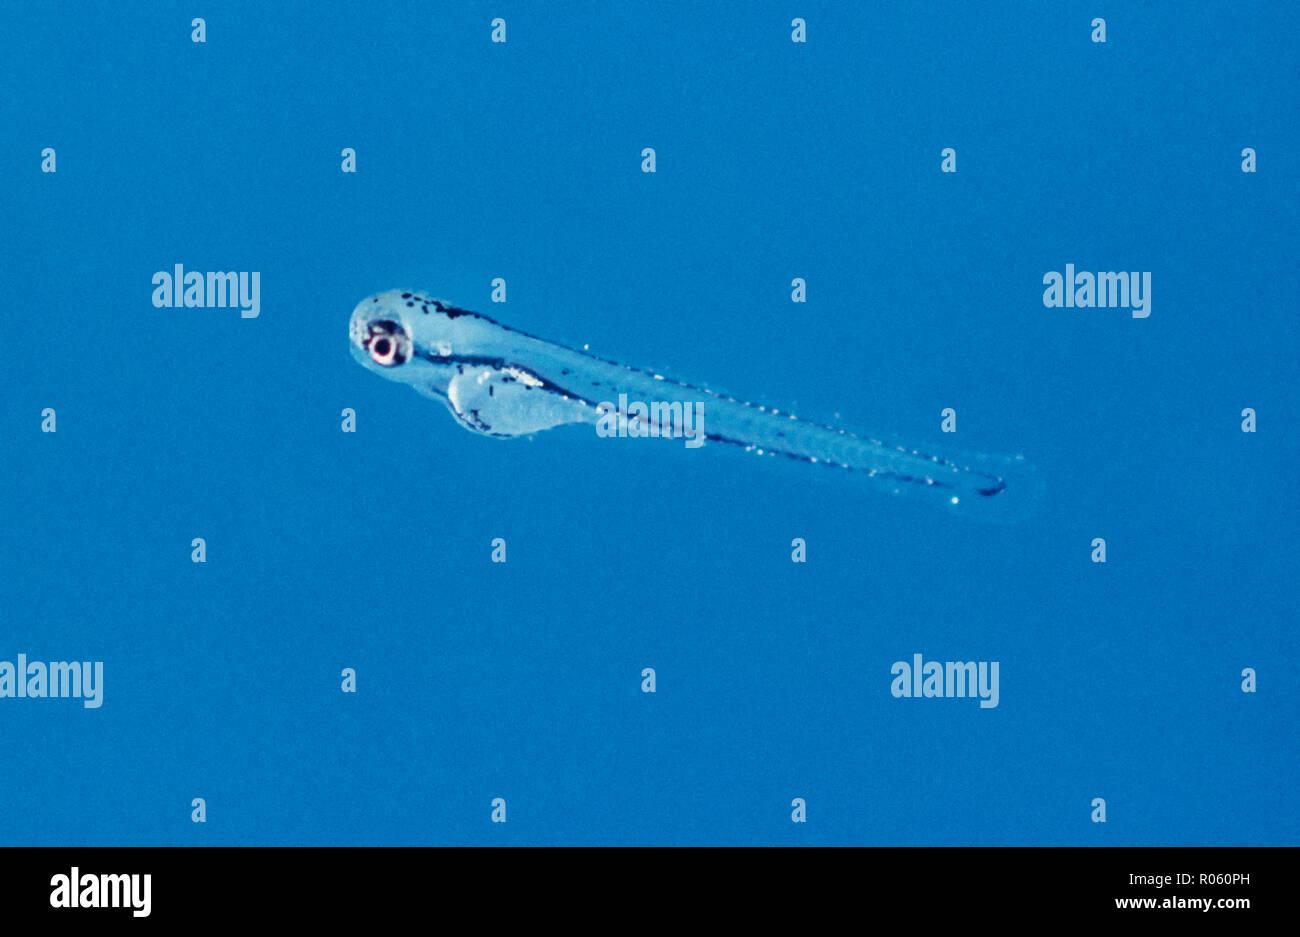 El pez cebra, Danio rerio, freír en acuario. Desde la década de 1930, el pez cebra ha sido un organismo modelo para el estudio de enfermedades humanas. Imagen De Stock